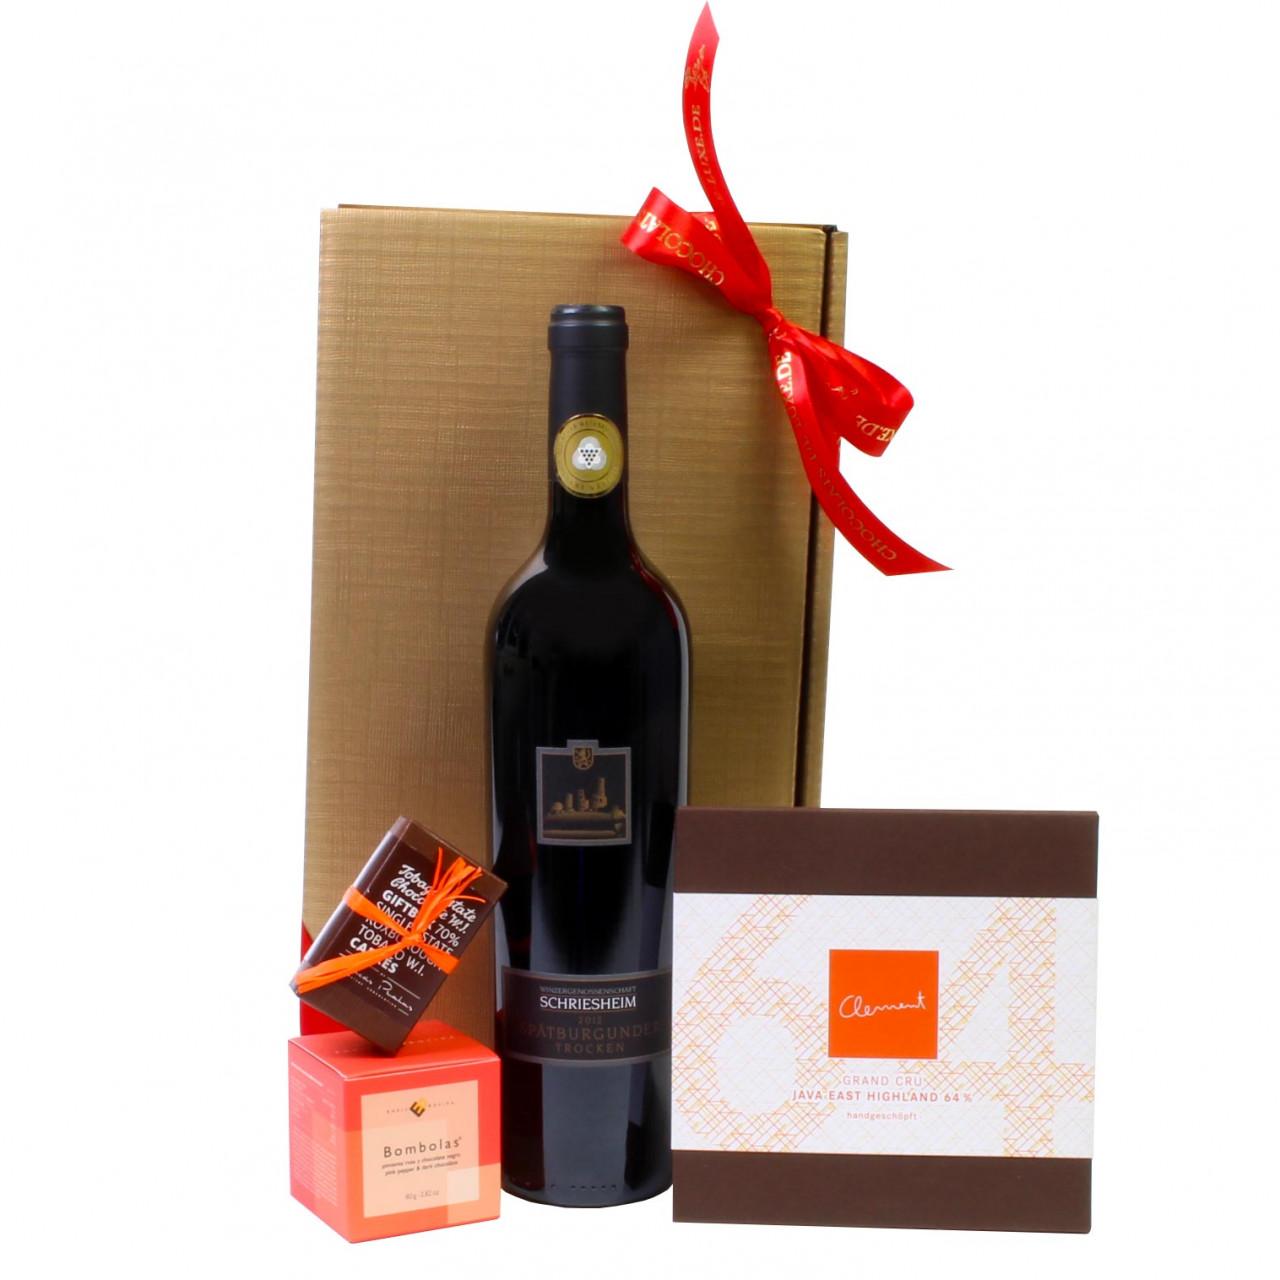 dunkle Schokolade, Geschenkset Wein und Schokolade, dark chocolate, vin rouge, red wine, chocolat noir, dark chocolate, Weihnachtsgeschenk -  - Chocolats-De-Luxe